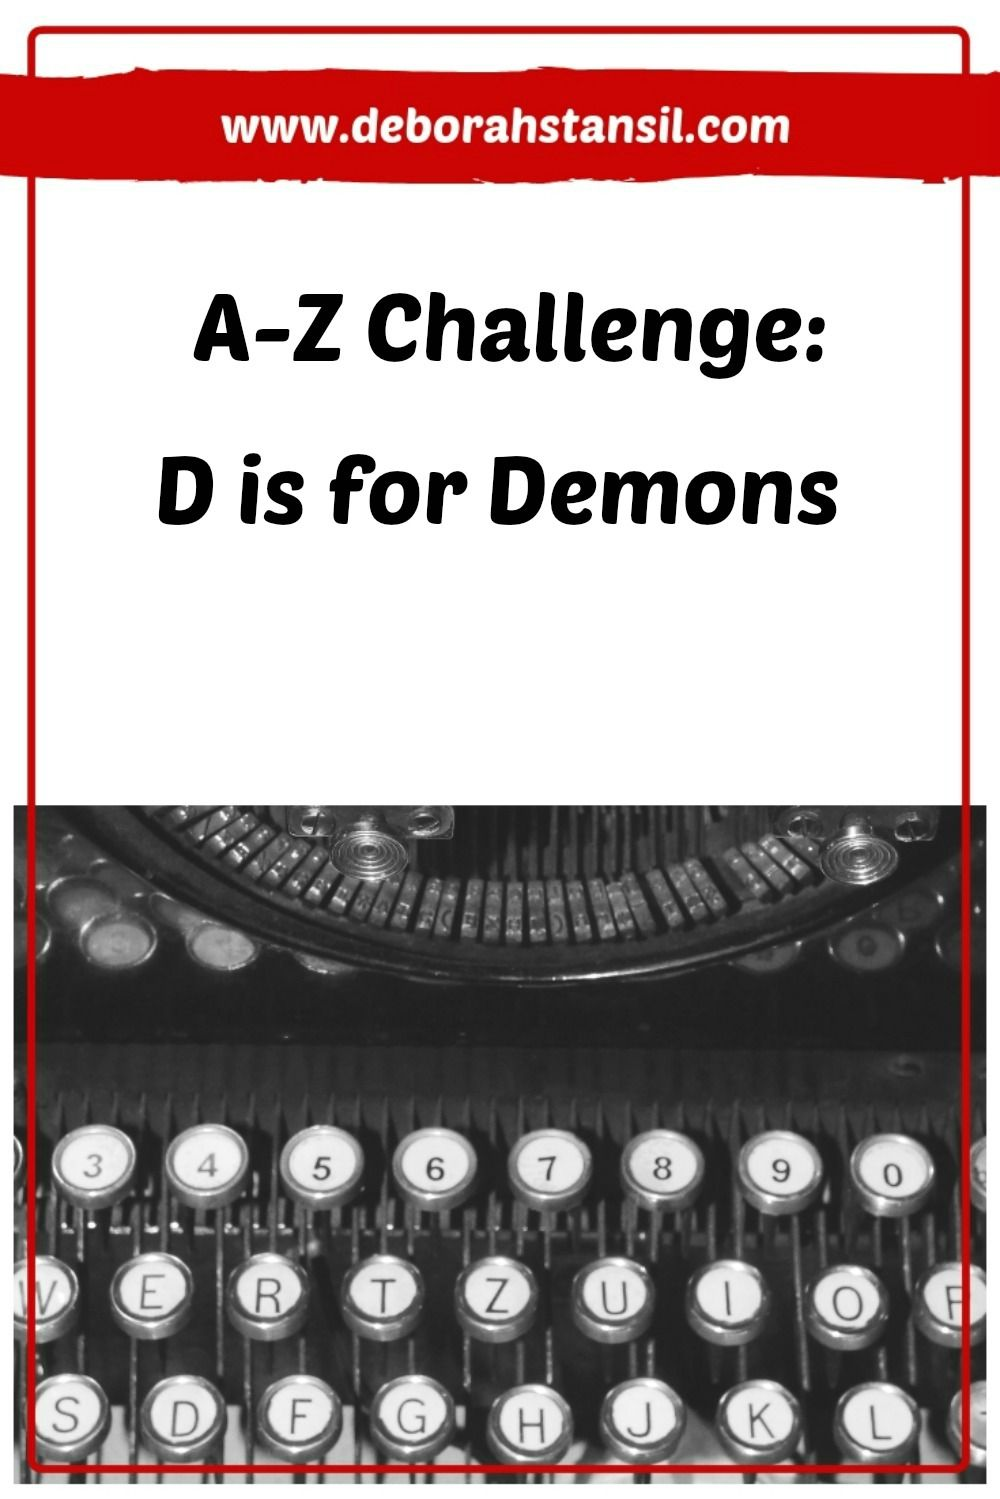 AZ Challenge D is for Demons Deborah Stansil